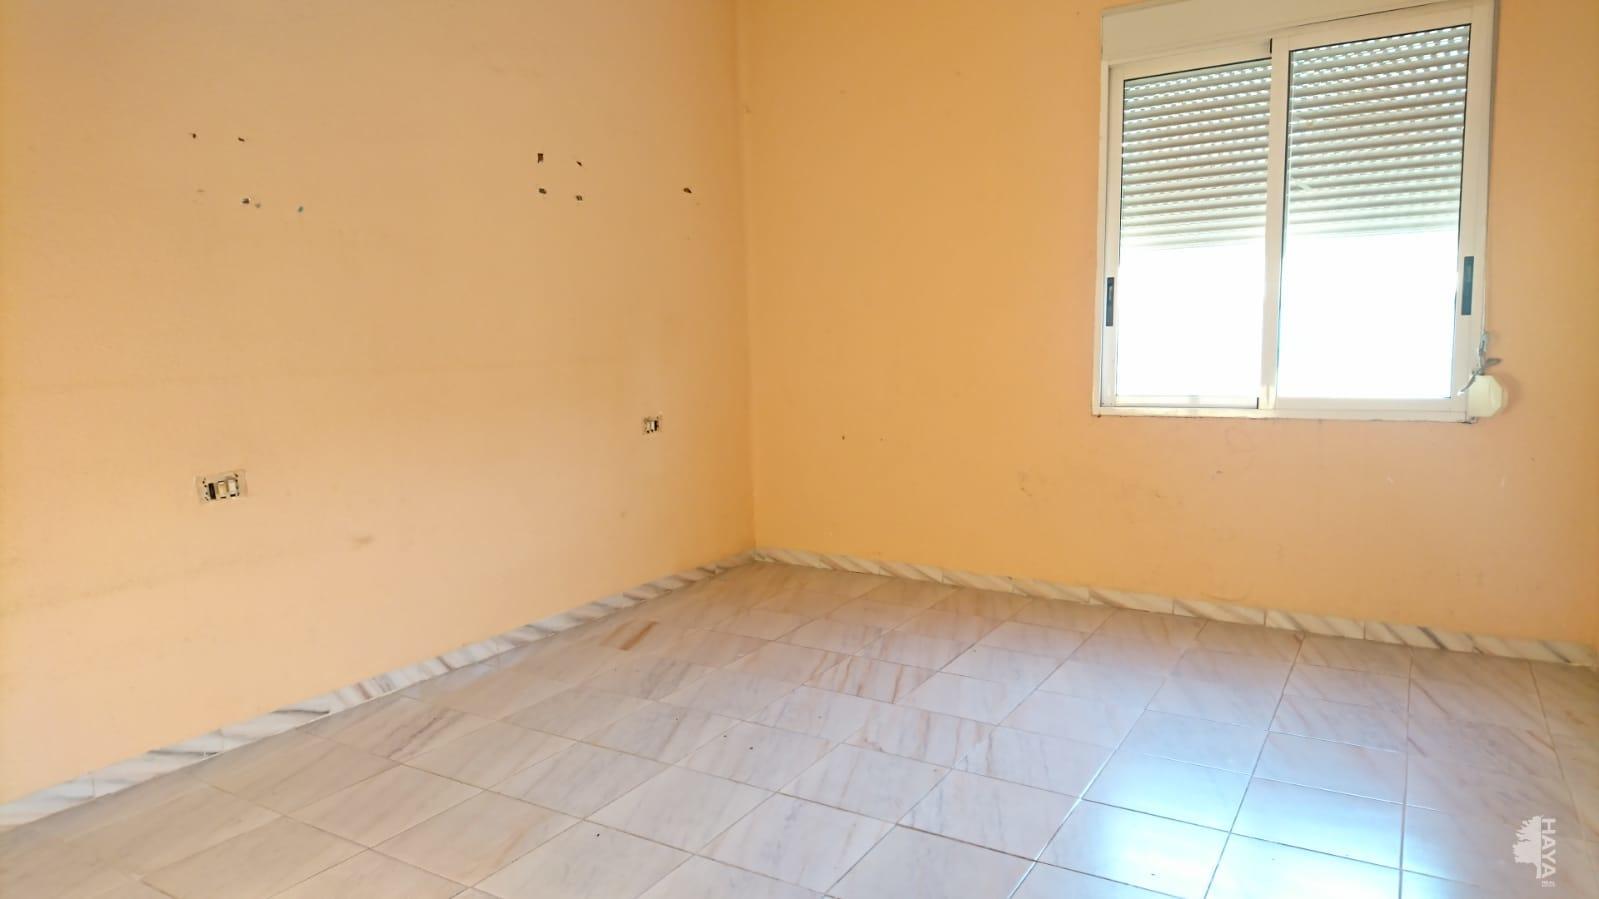 Piso en venta en Piso en la Vall D`uixó, Castellón, 23.000 €, 2 habitaciones, 1 baño, 85 m2